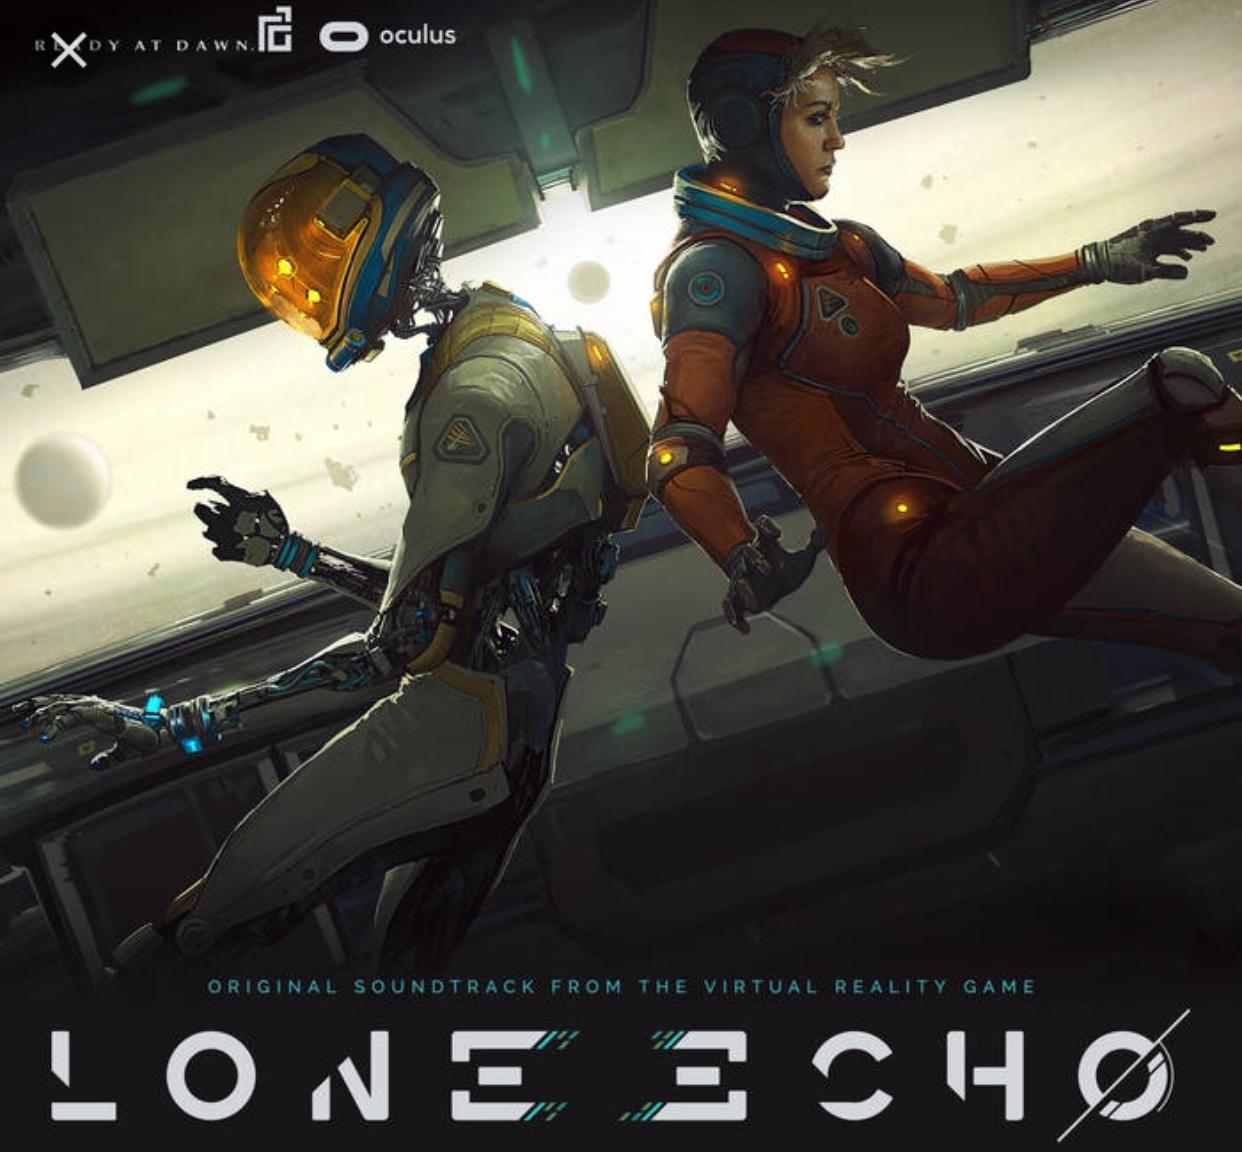 Oculus: Lone echo